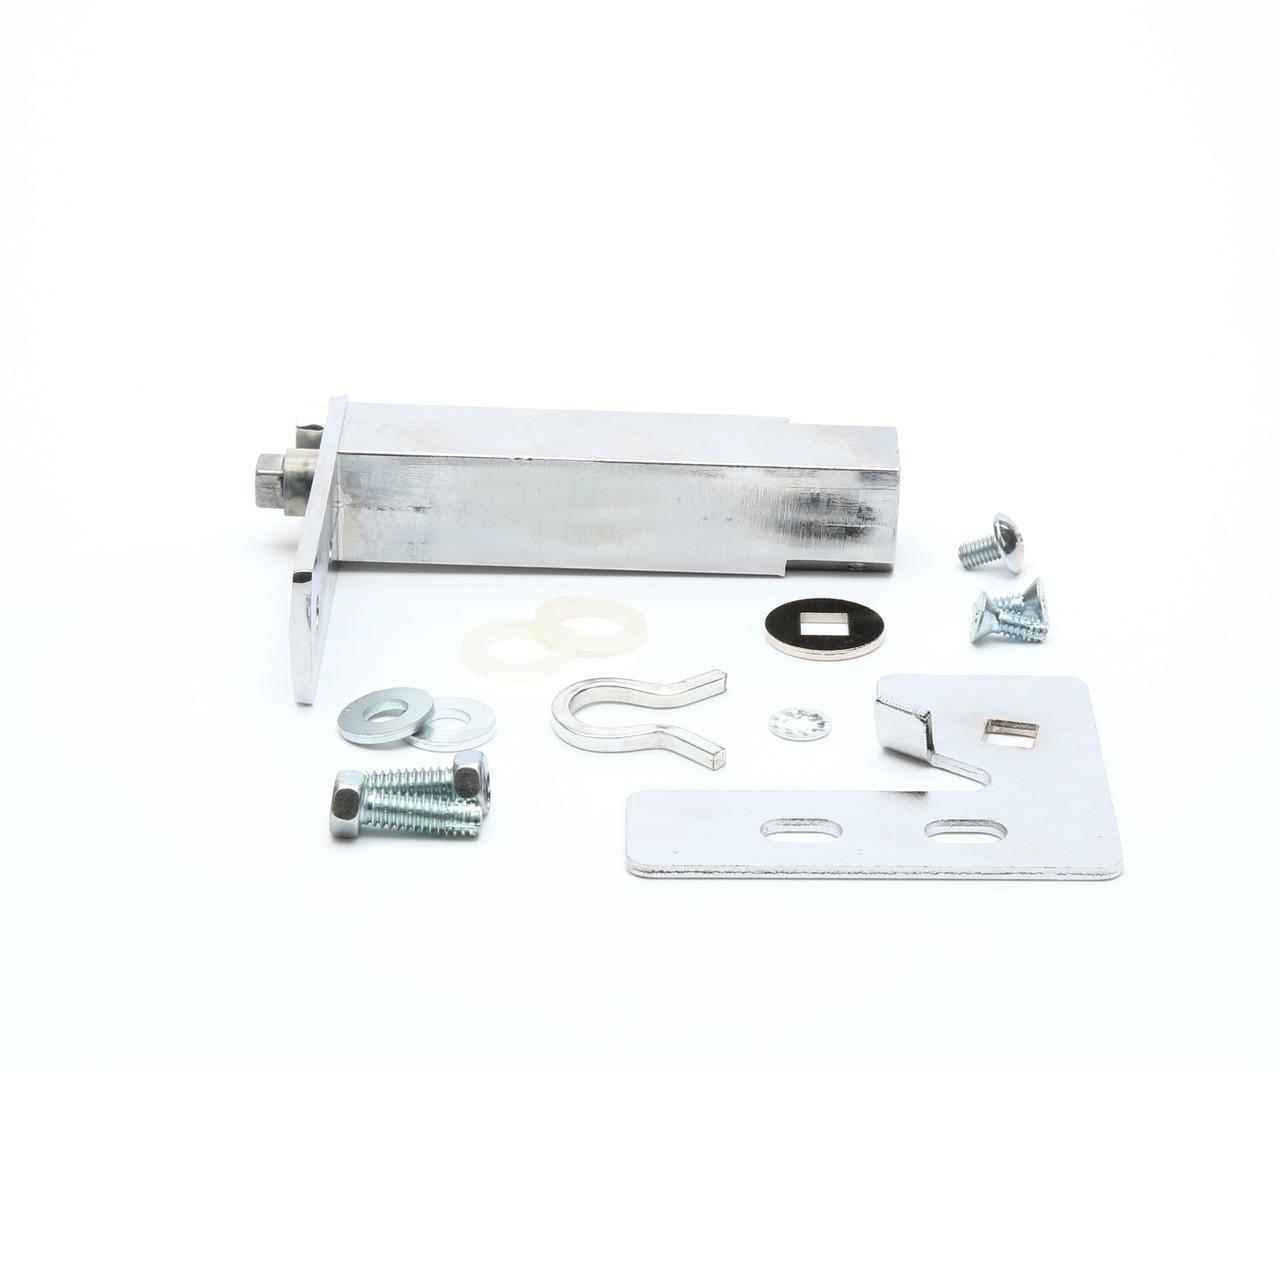 Generic Hinge Kit Door Top Lh Equivalent To True 870838